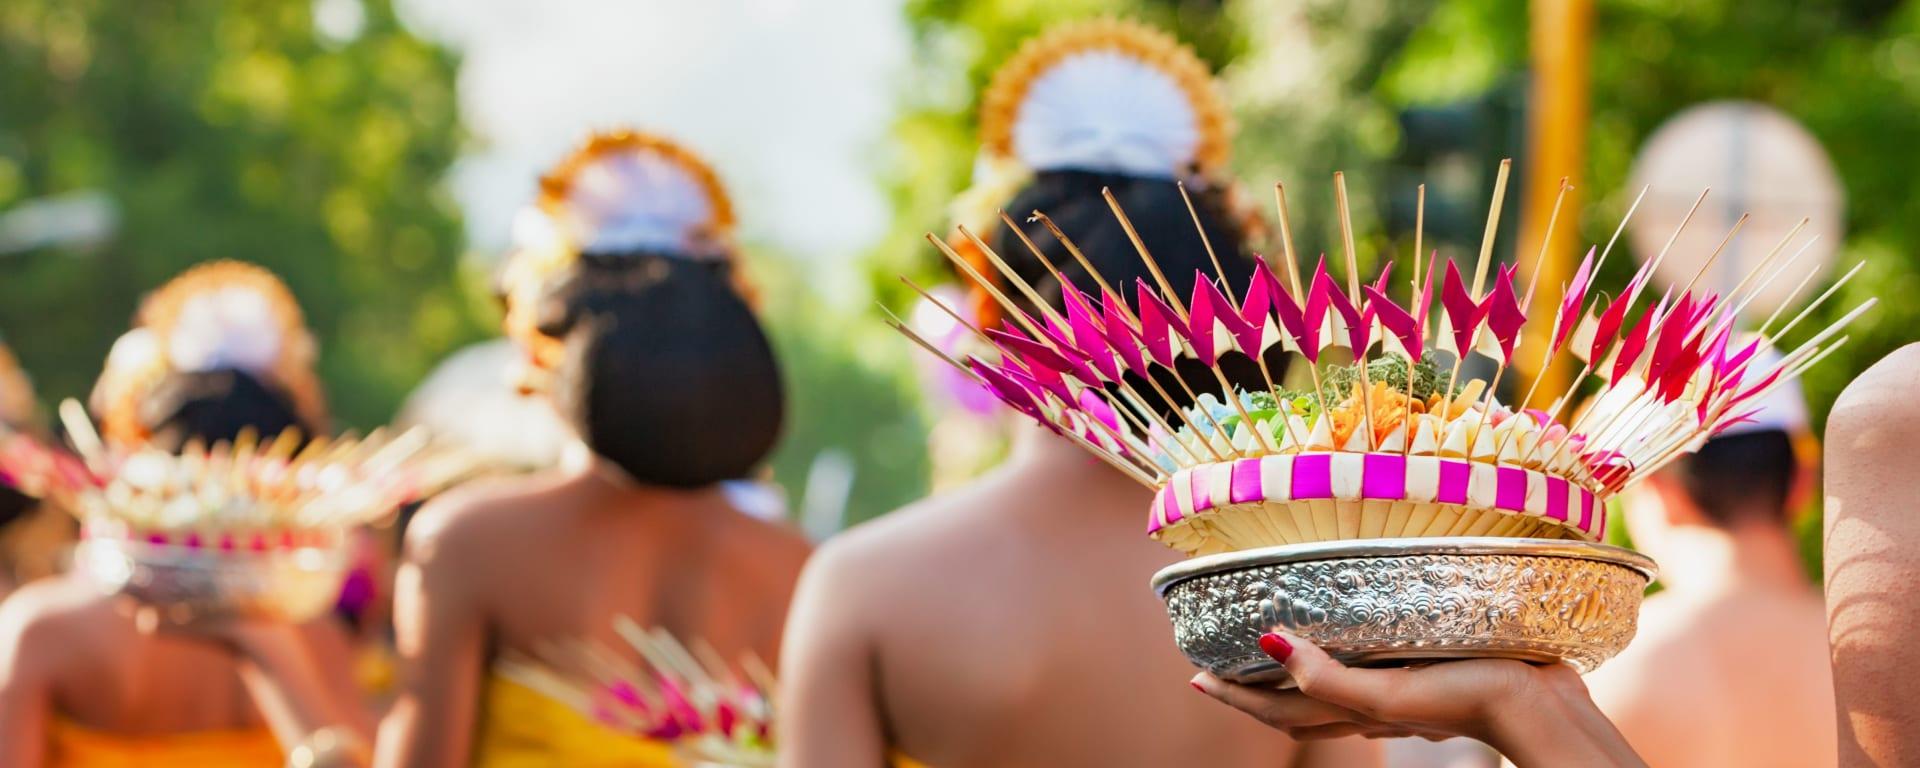 Indonesien entdecken mit Tischler Reisen: Indonesien Bali Zeremonie